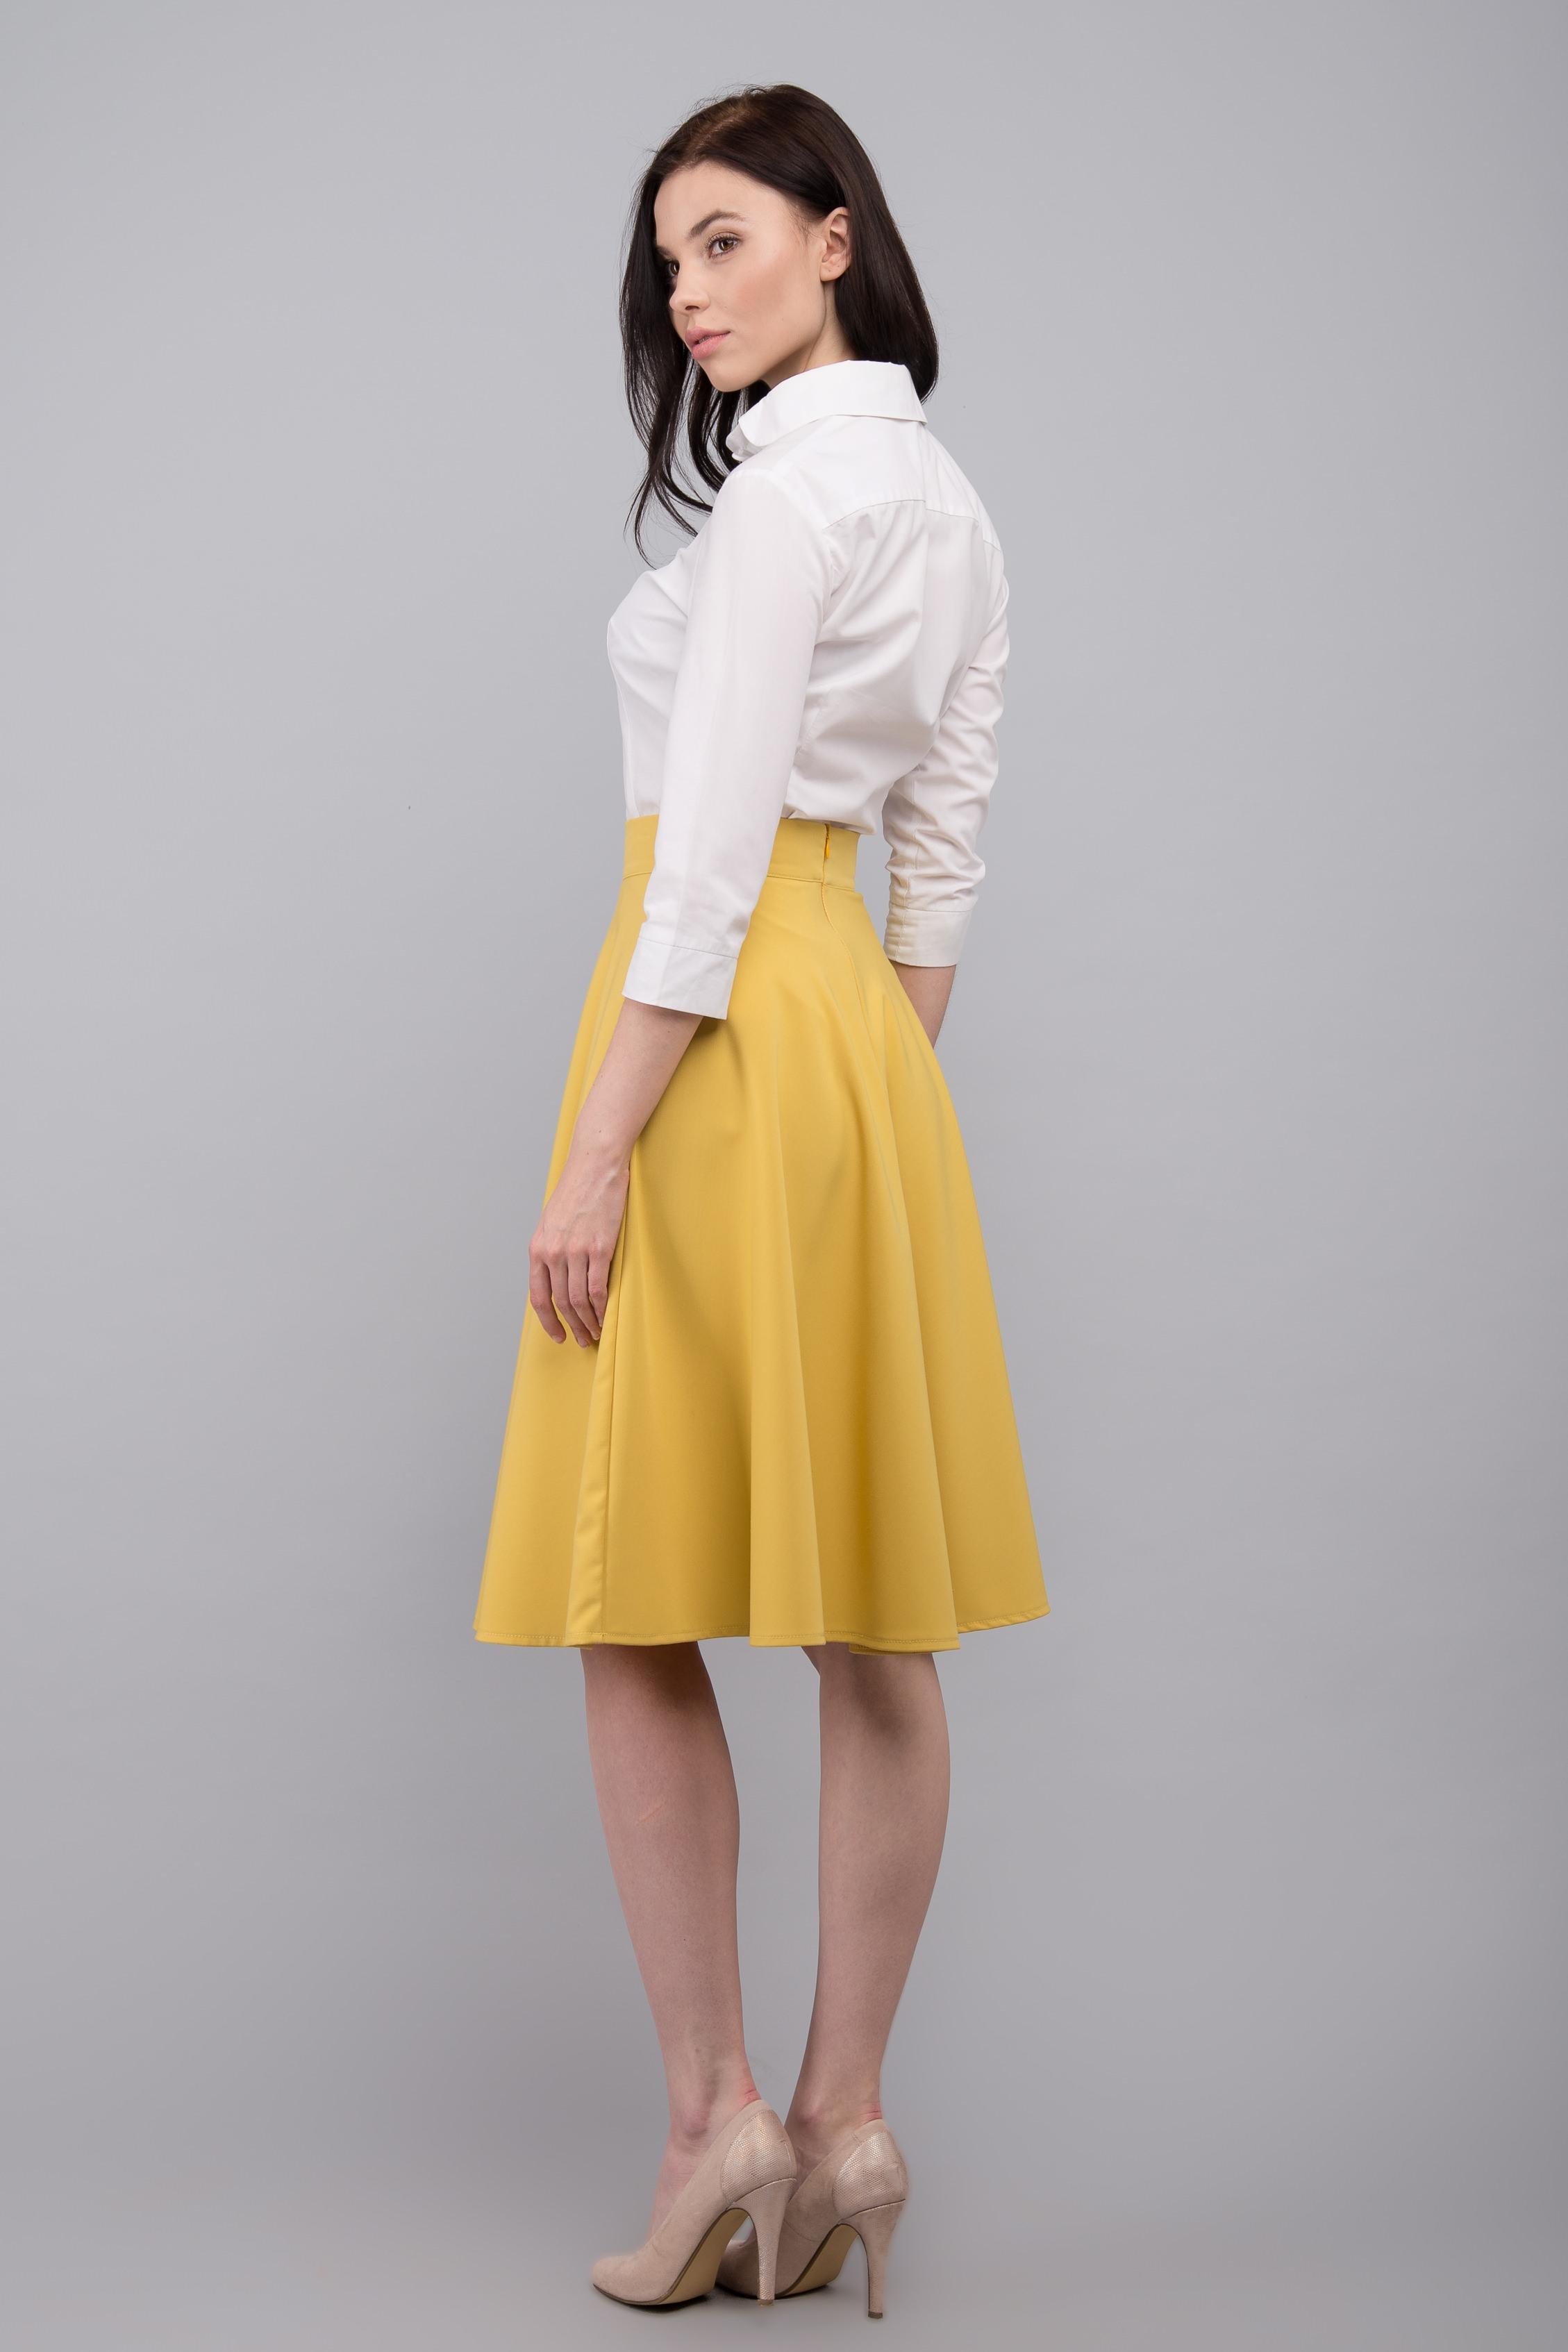 Юбка без шва подразумевает наличие запаха. Соблюдение правильного  направления нитей основы на деталях юбки обеспечивает идеальность ее формы. f8adcb7c8e9